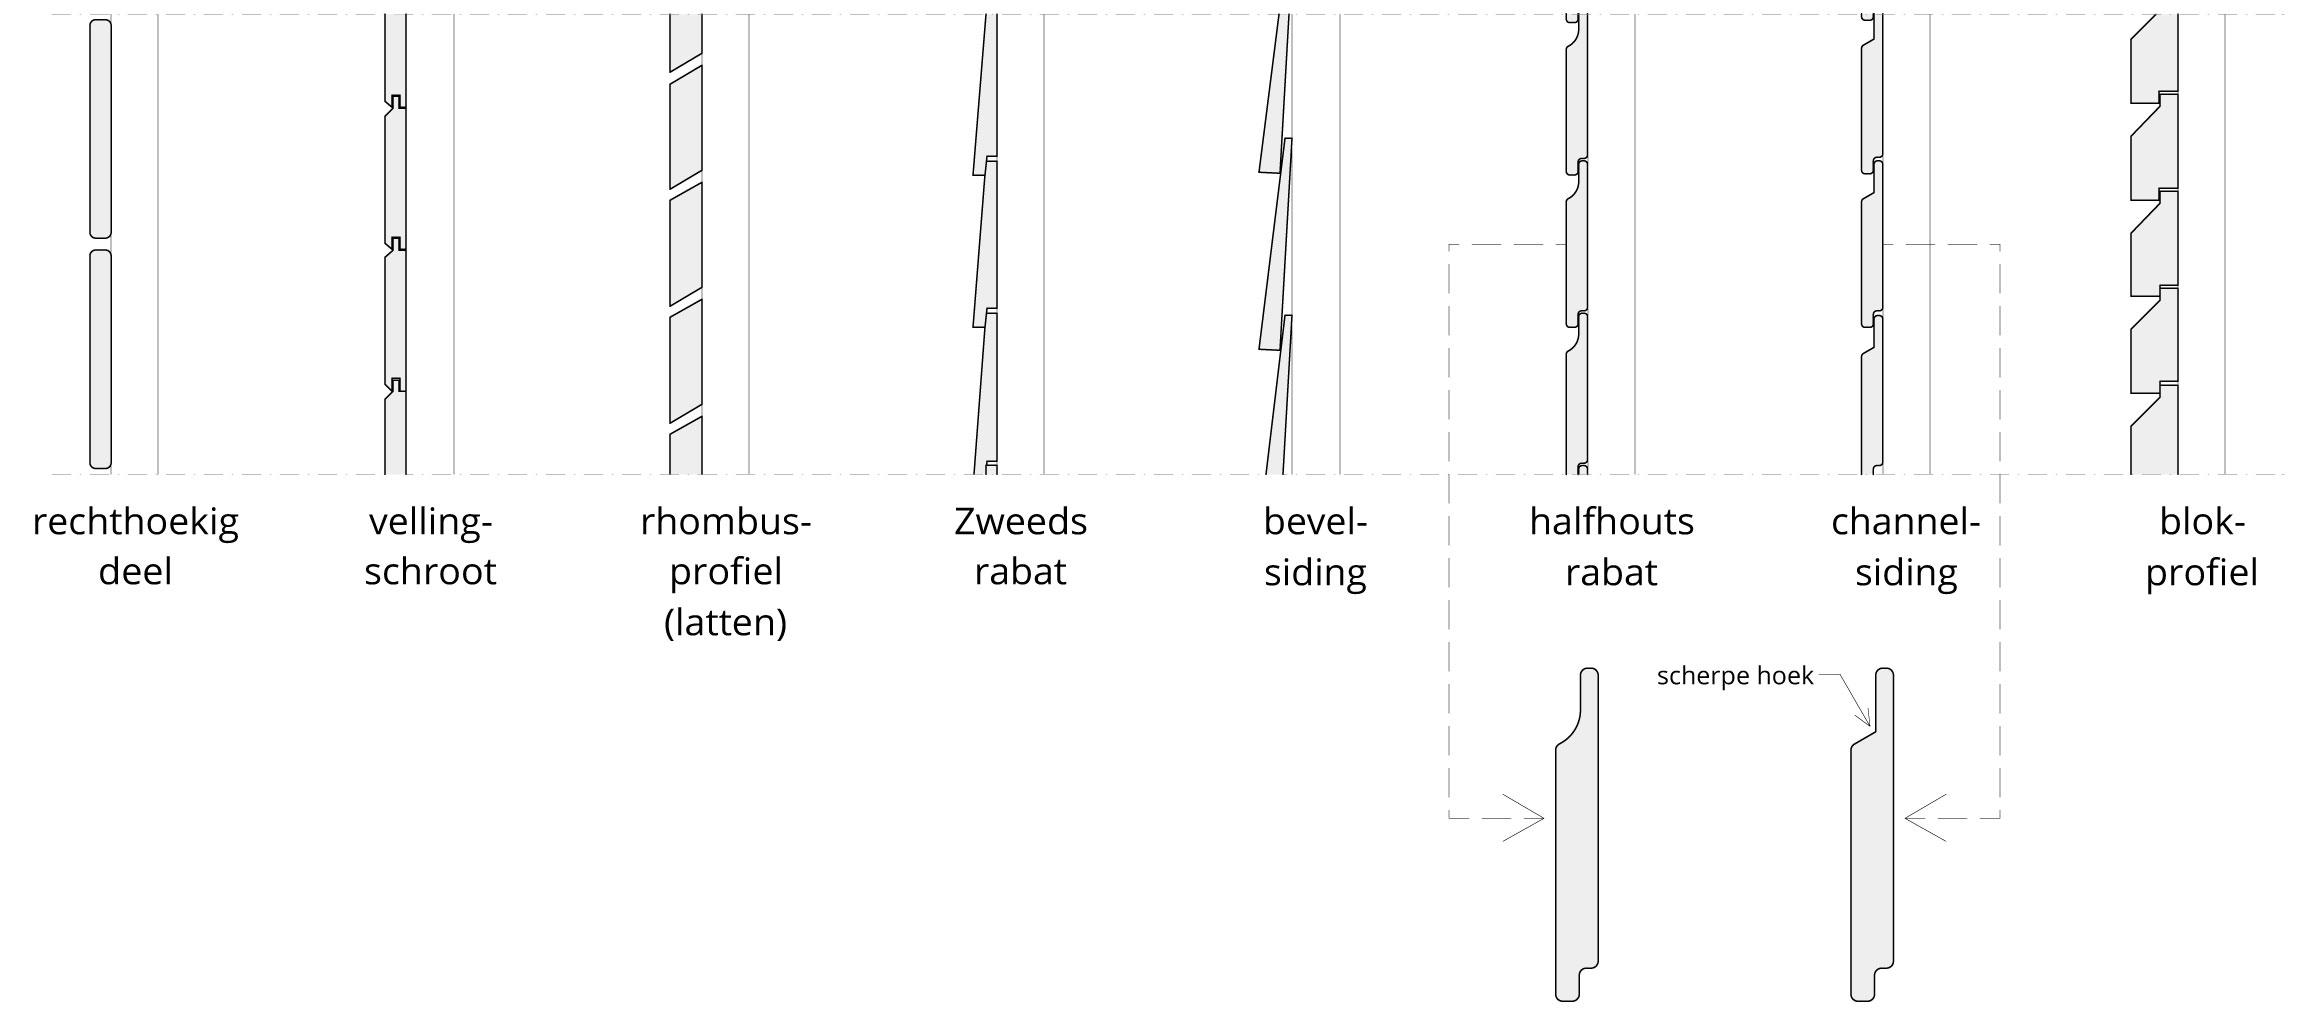 overzicht van veel voorkomende houten gevelprofielen